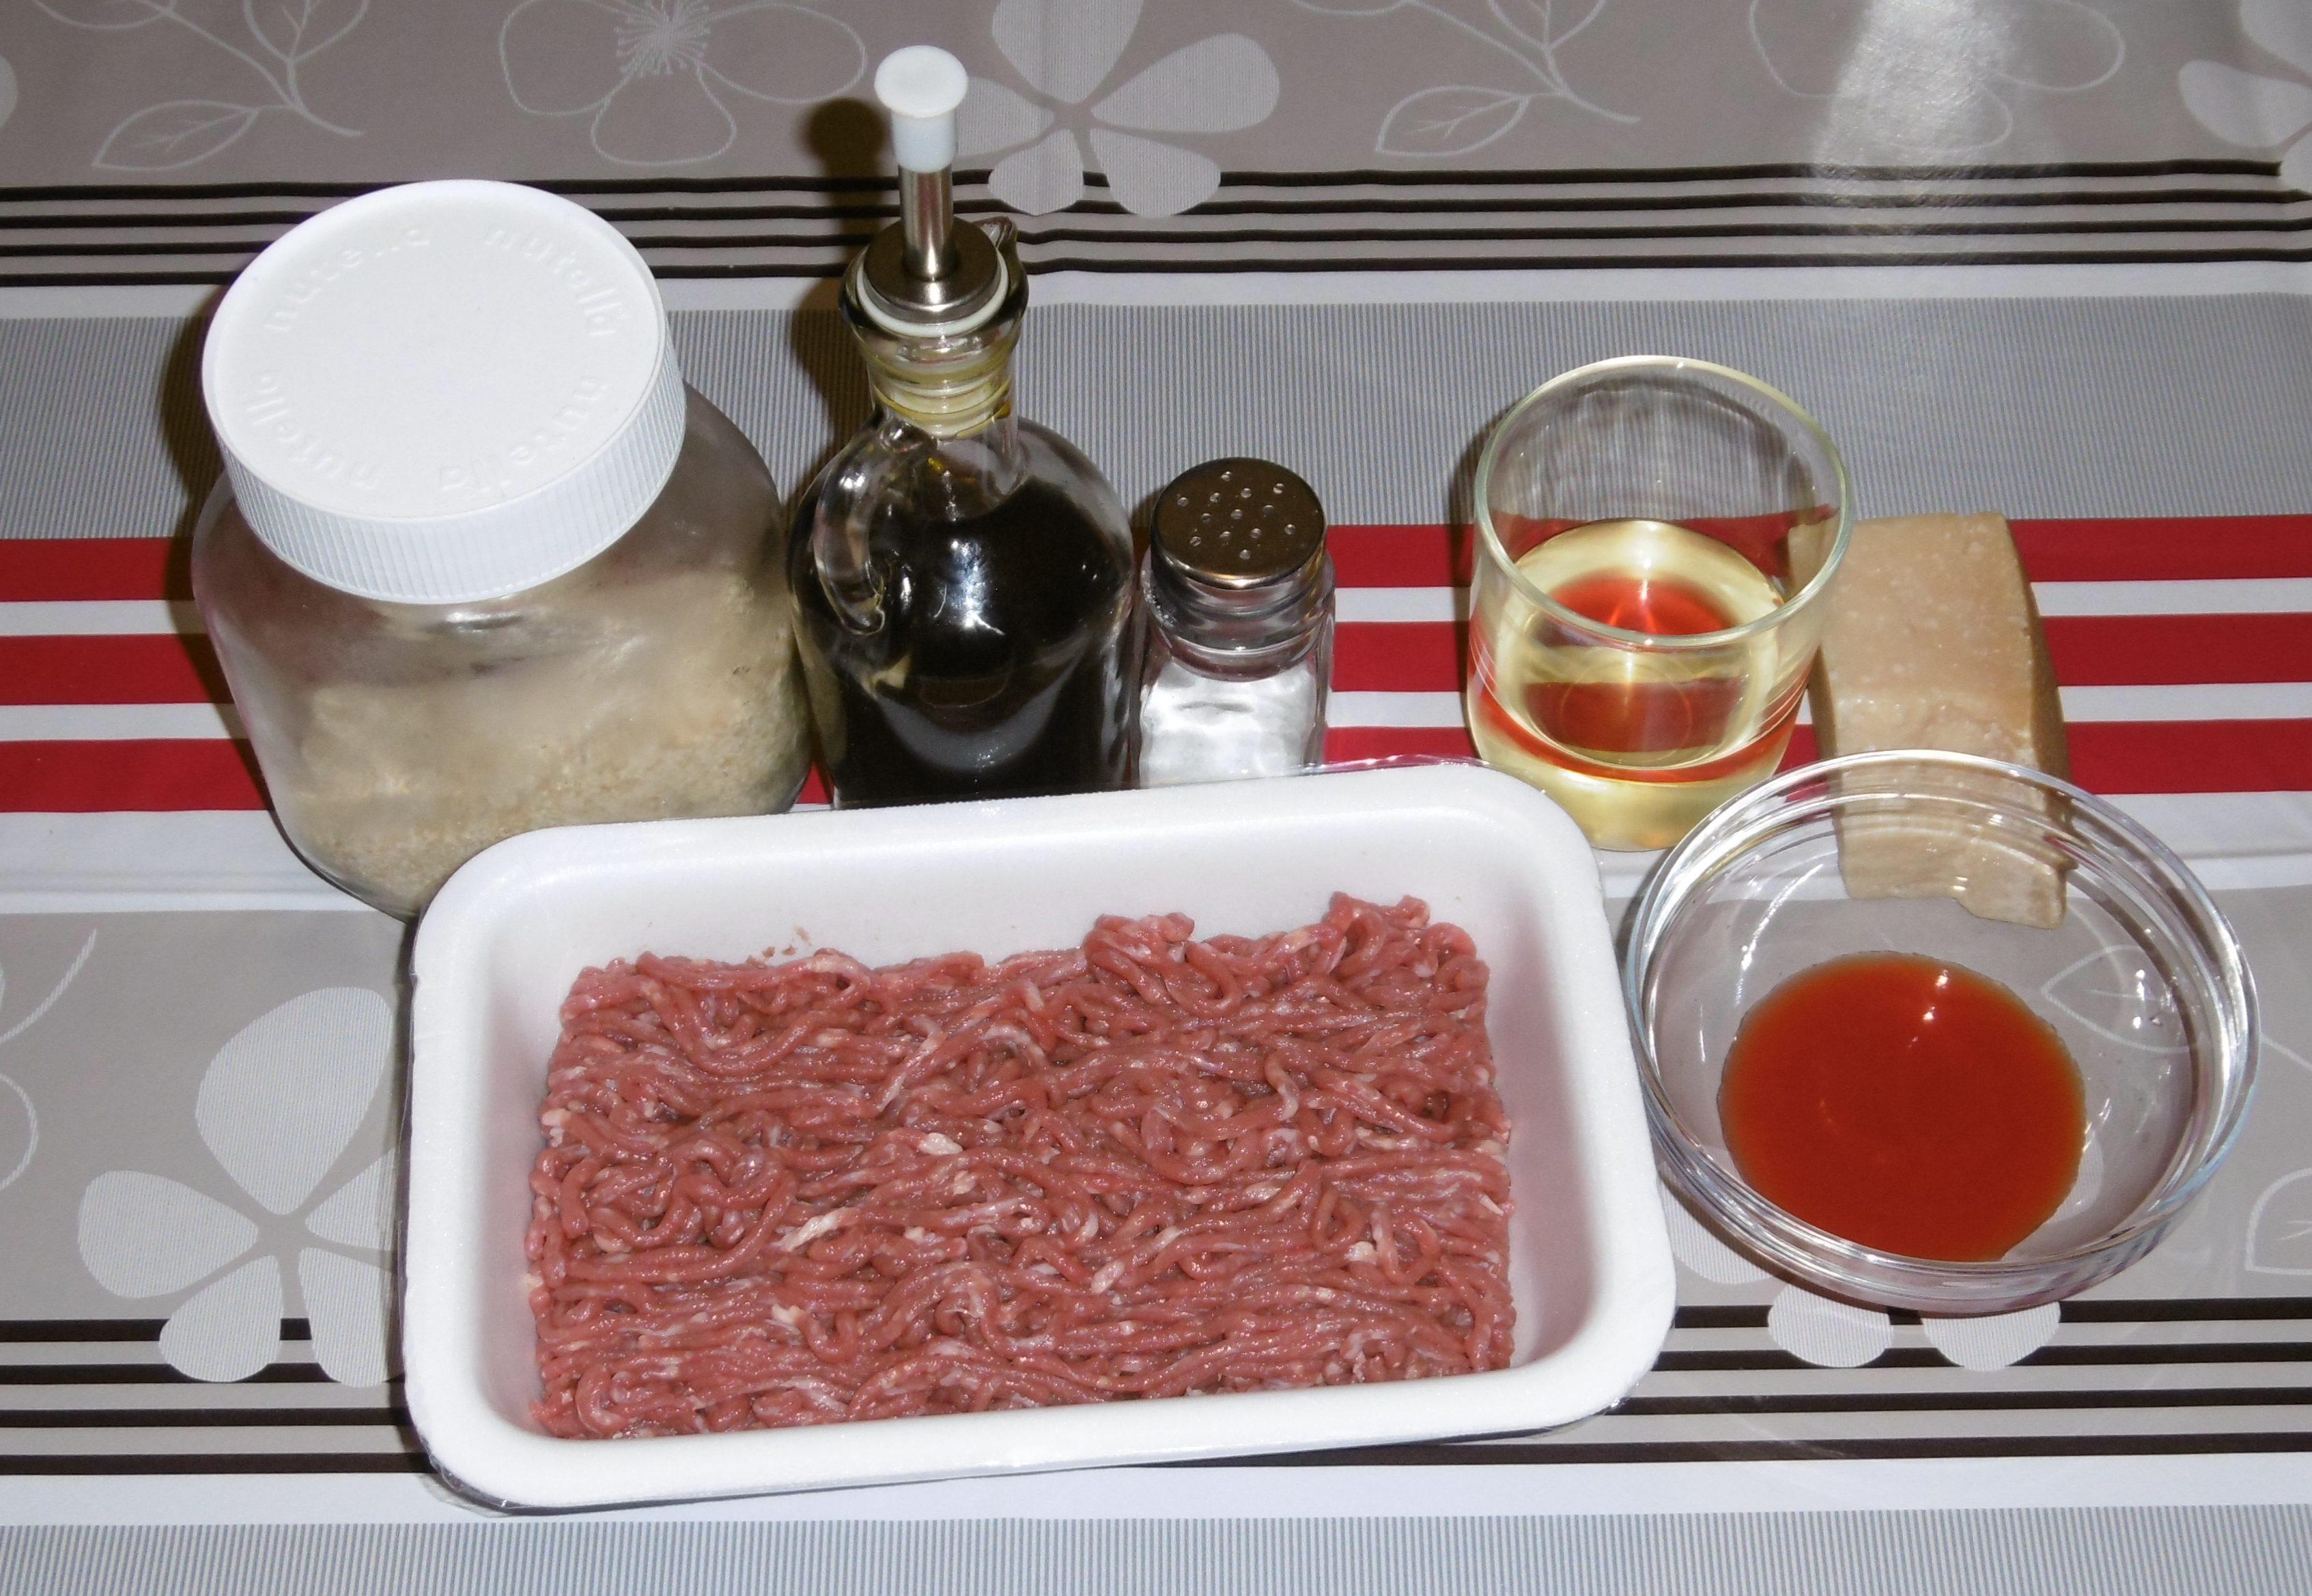 Polpettone al forno - Ingredienti